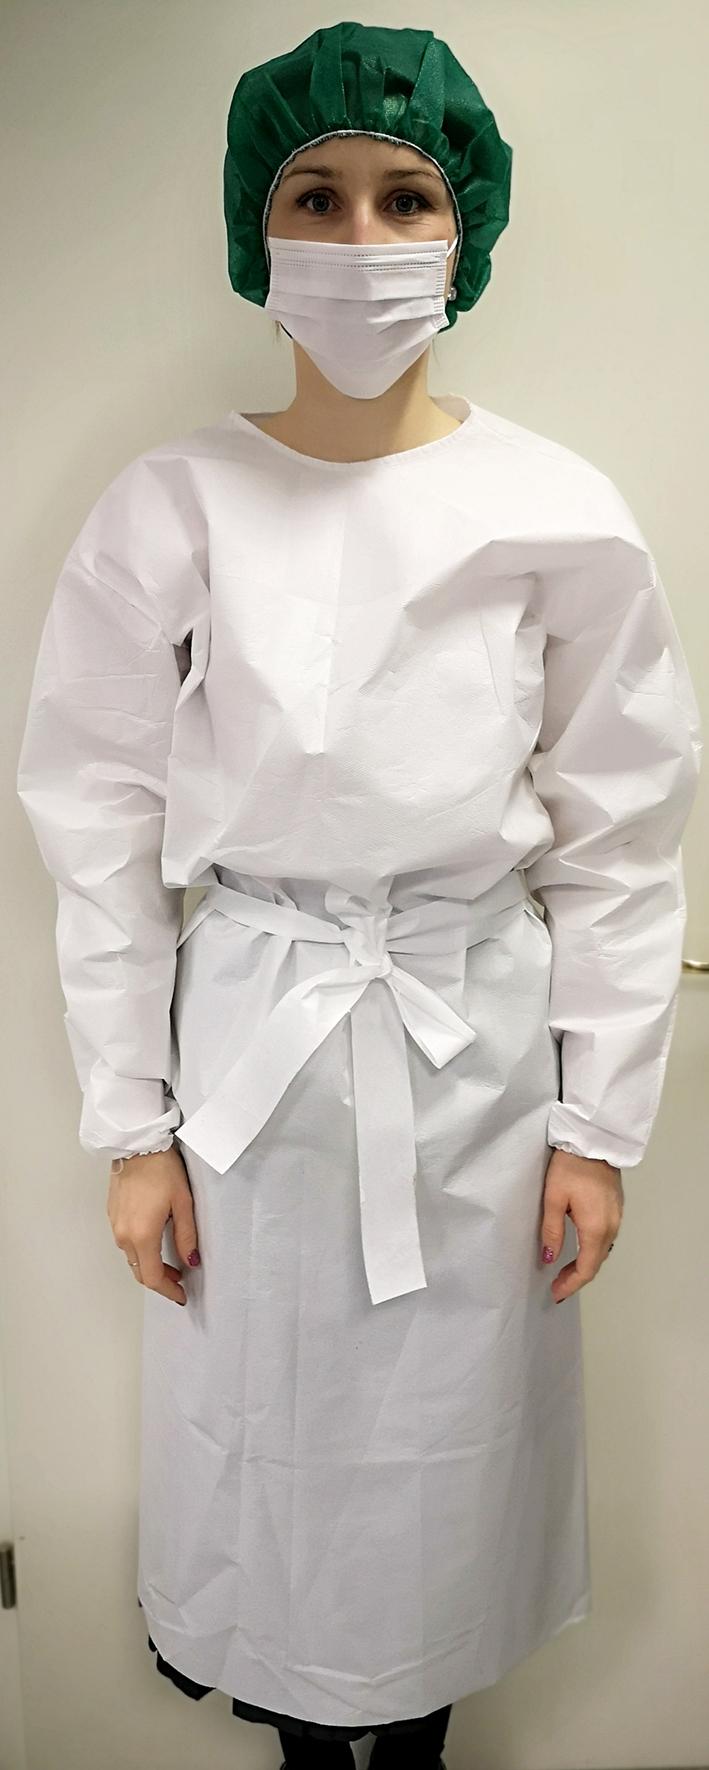 11440/L Jednokratni kirurški ogrtač na vezanje | 40 g/m2 | bijeli | pakiranje 10 kom